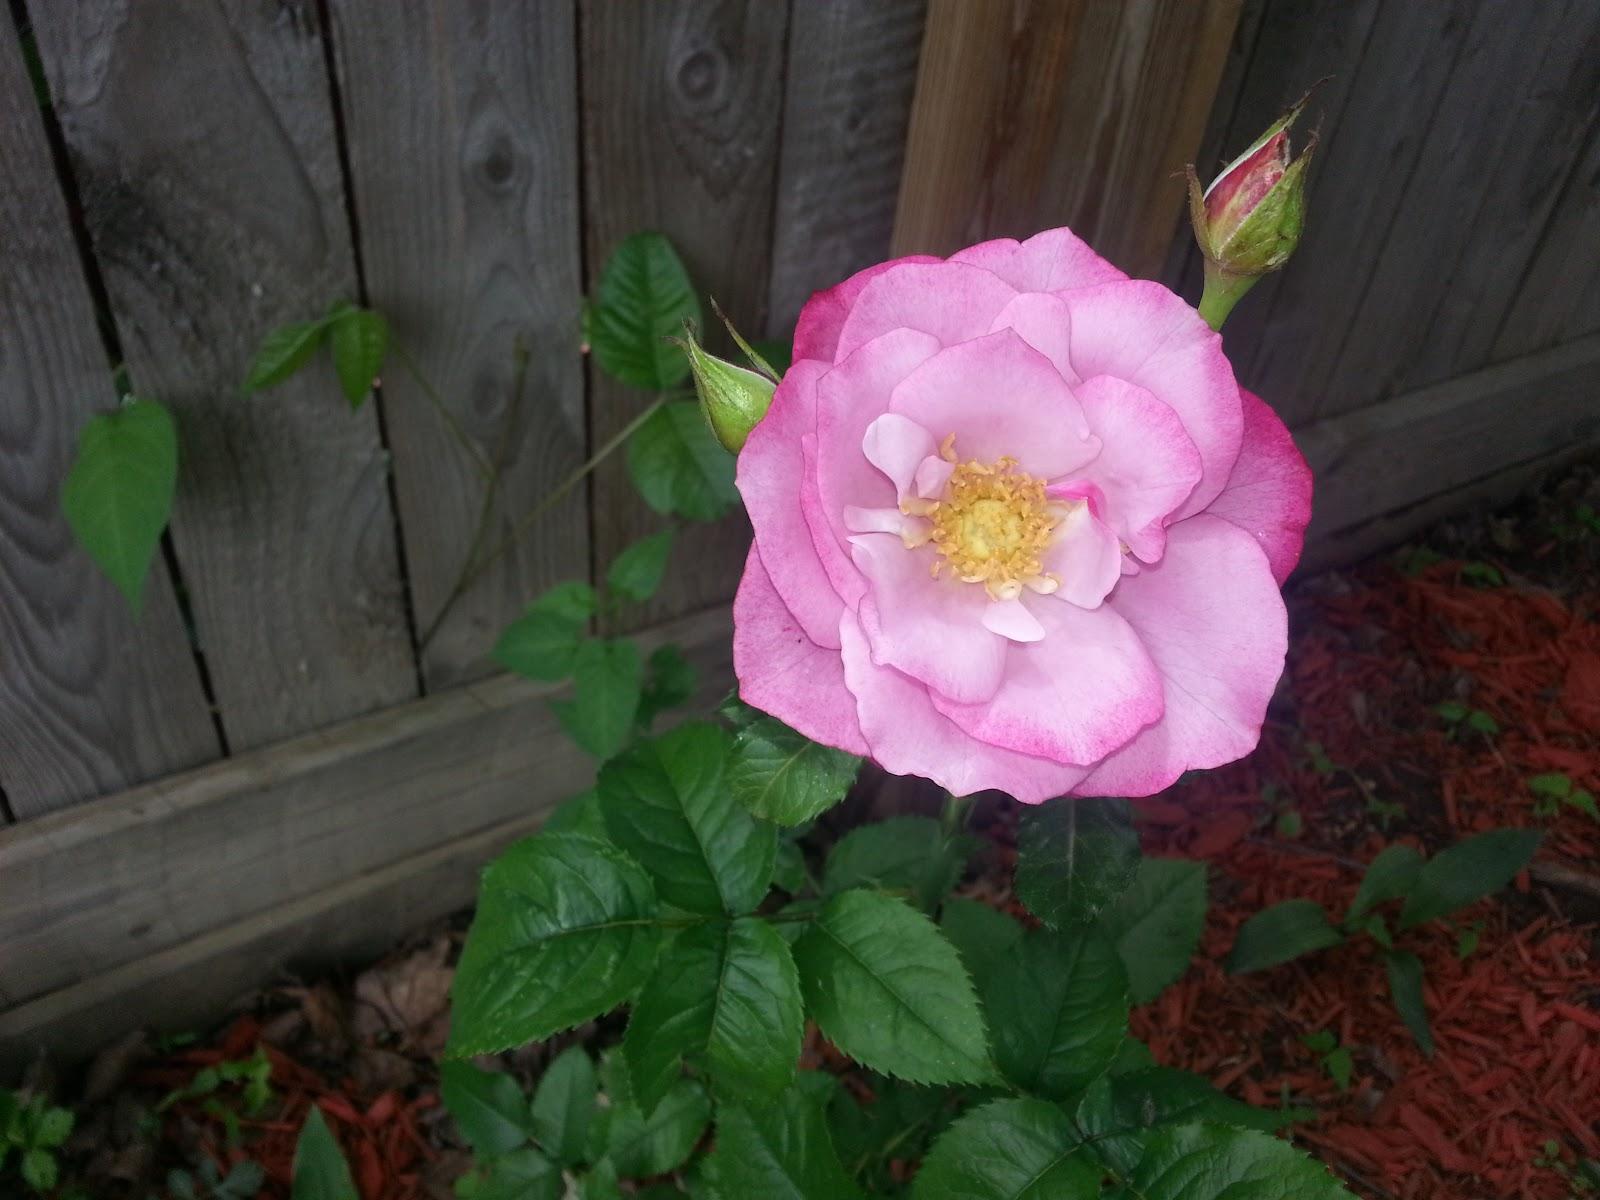 Barbra Streisand hybrid tea rose image